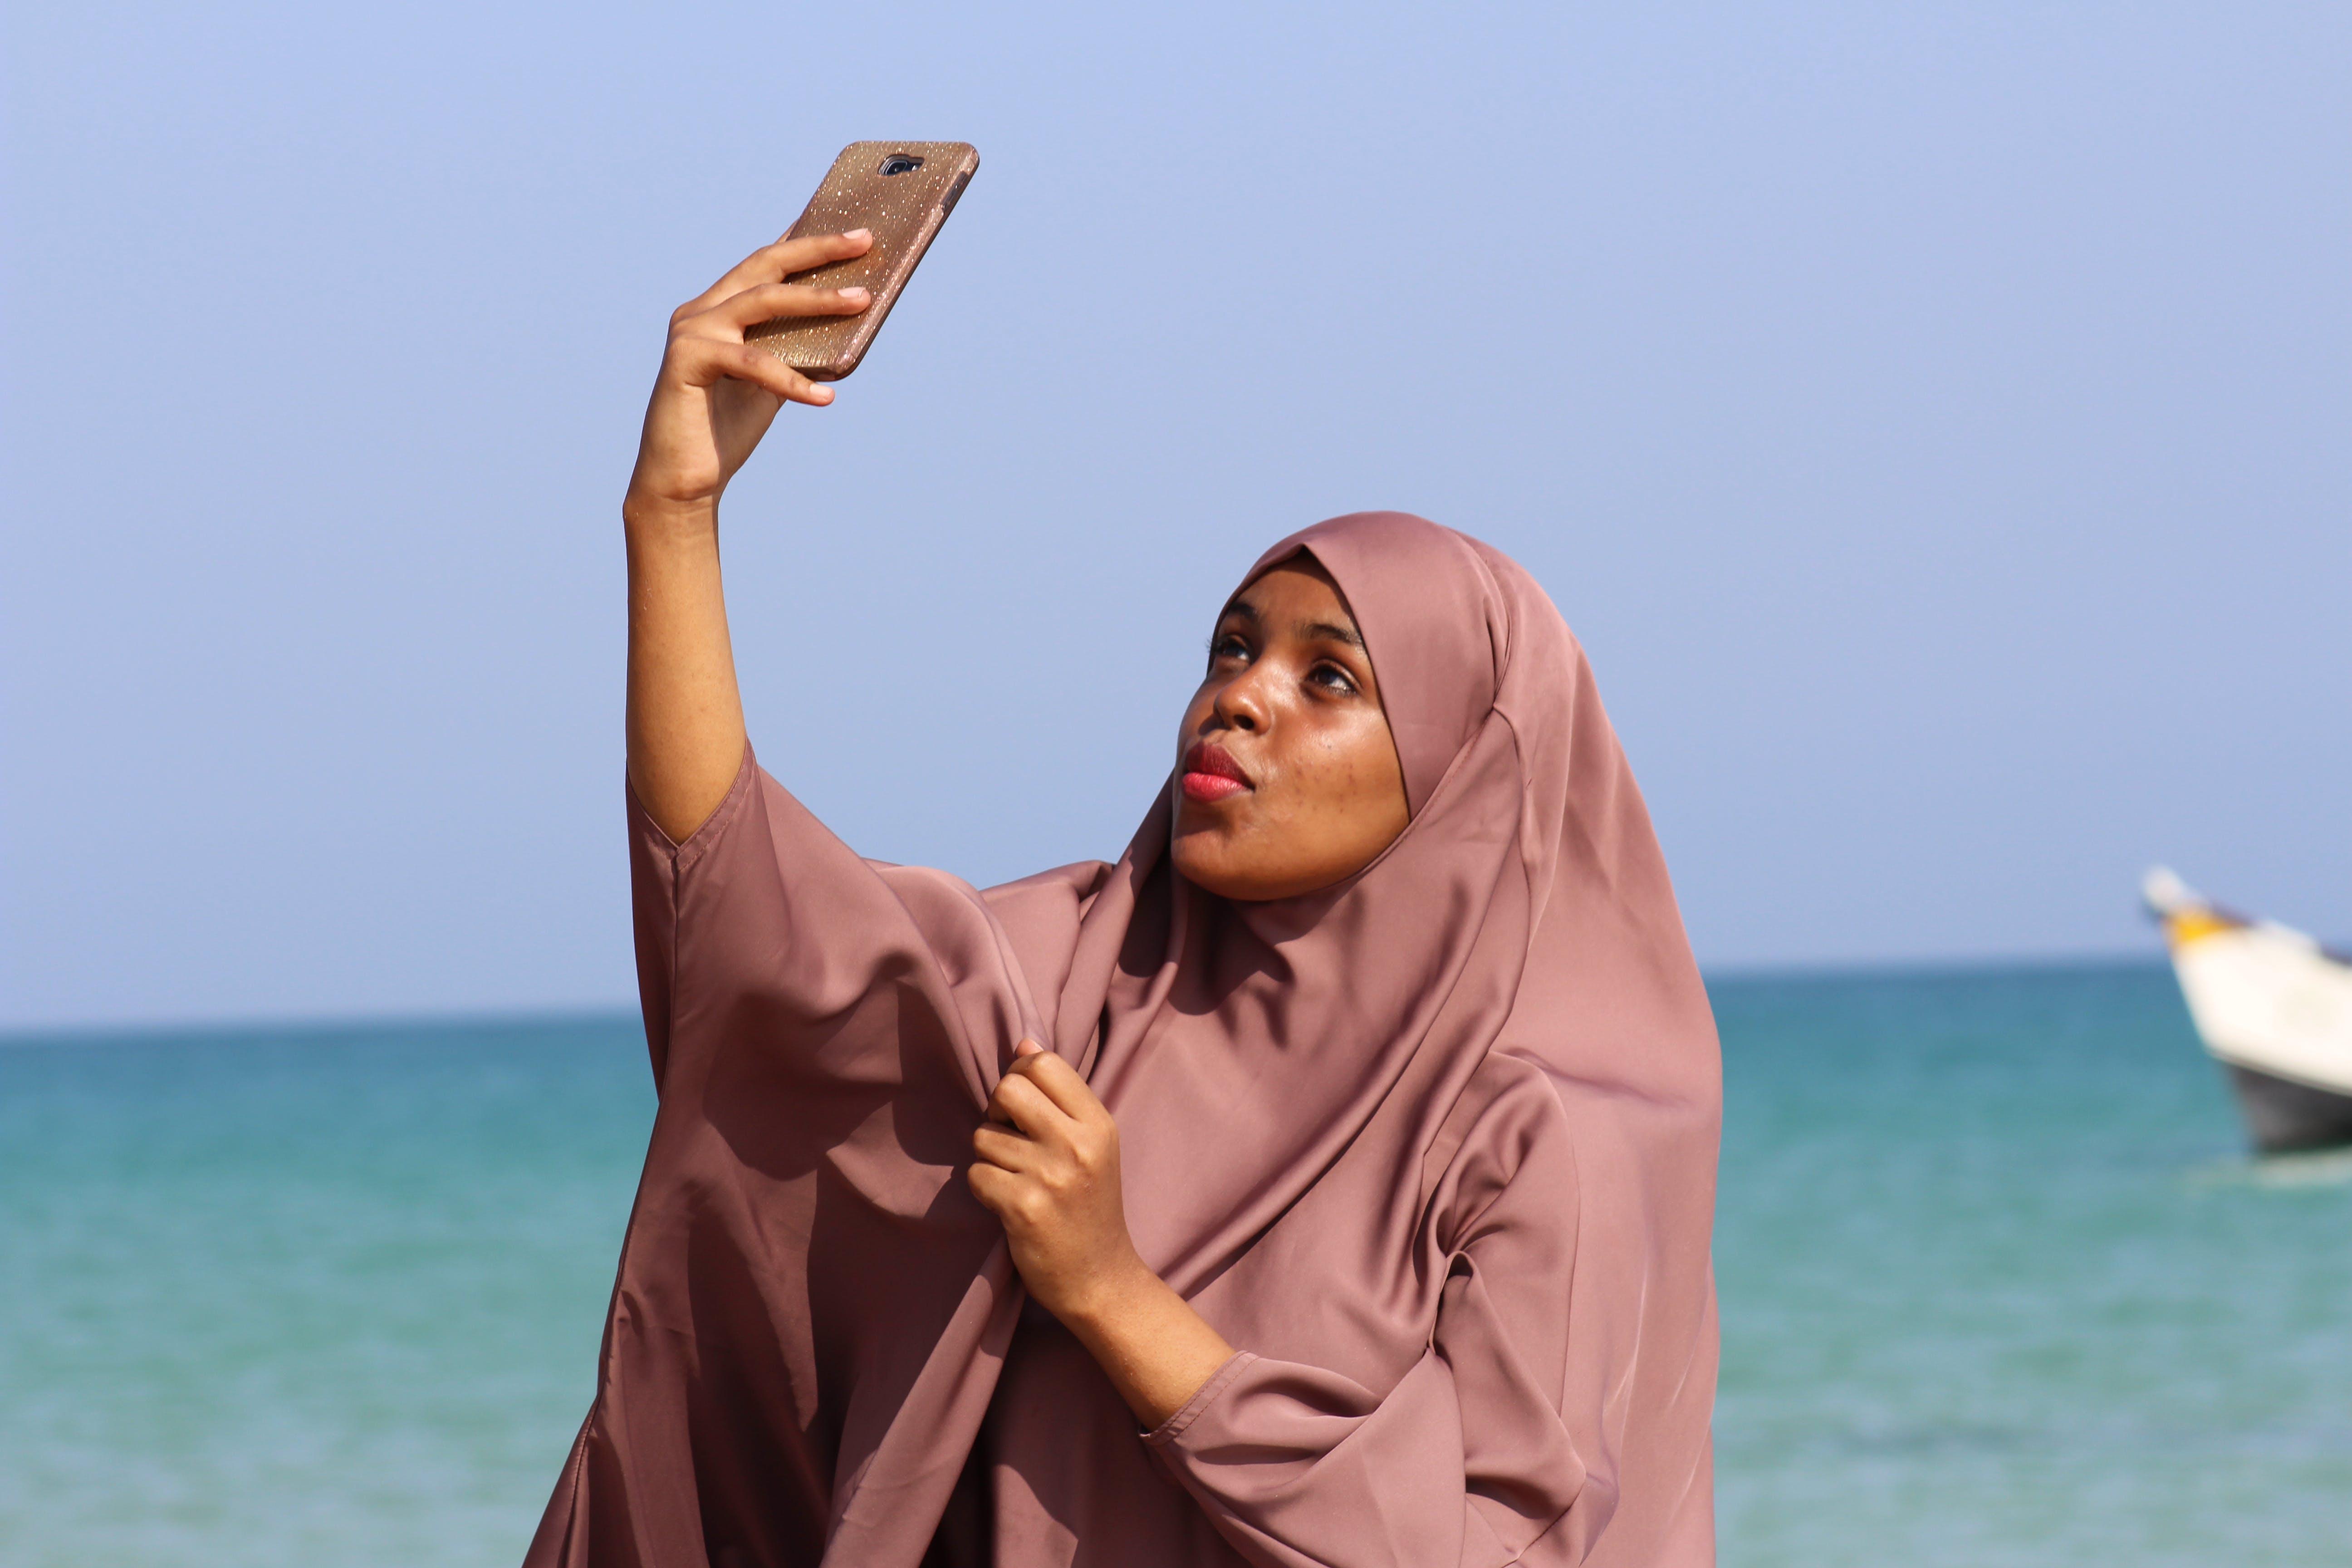 Woman Taking Selfie Near Shoreline